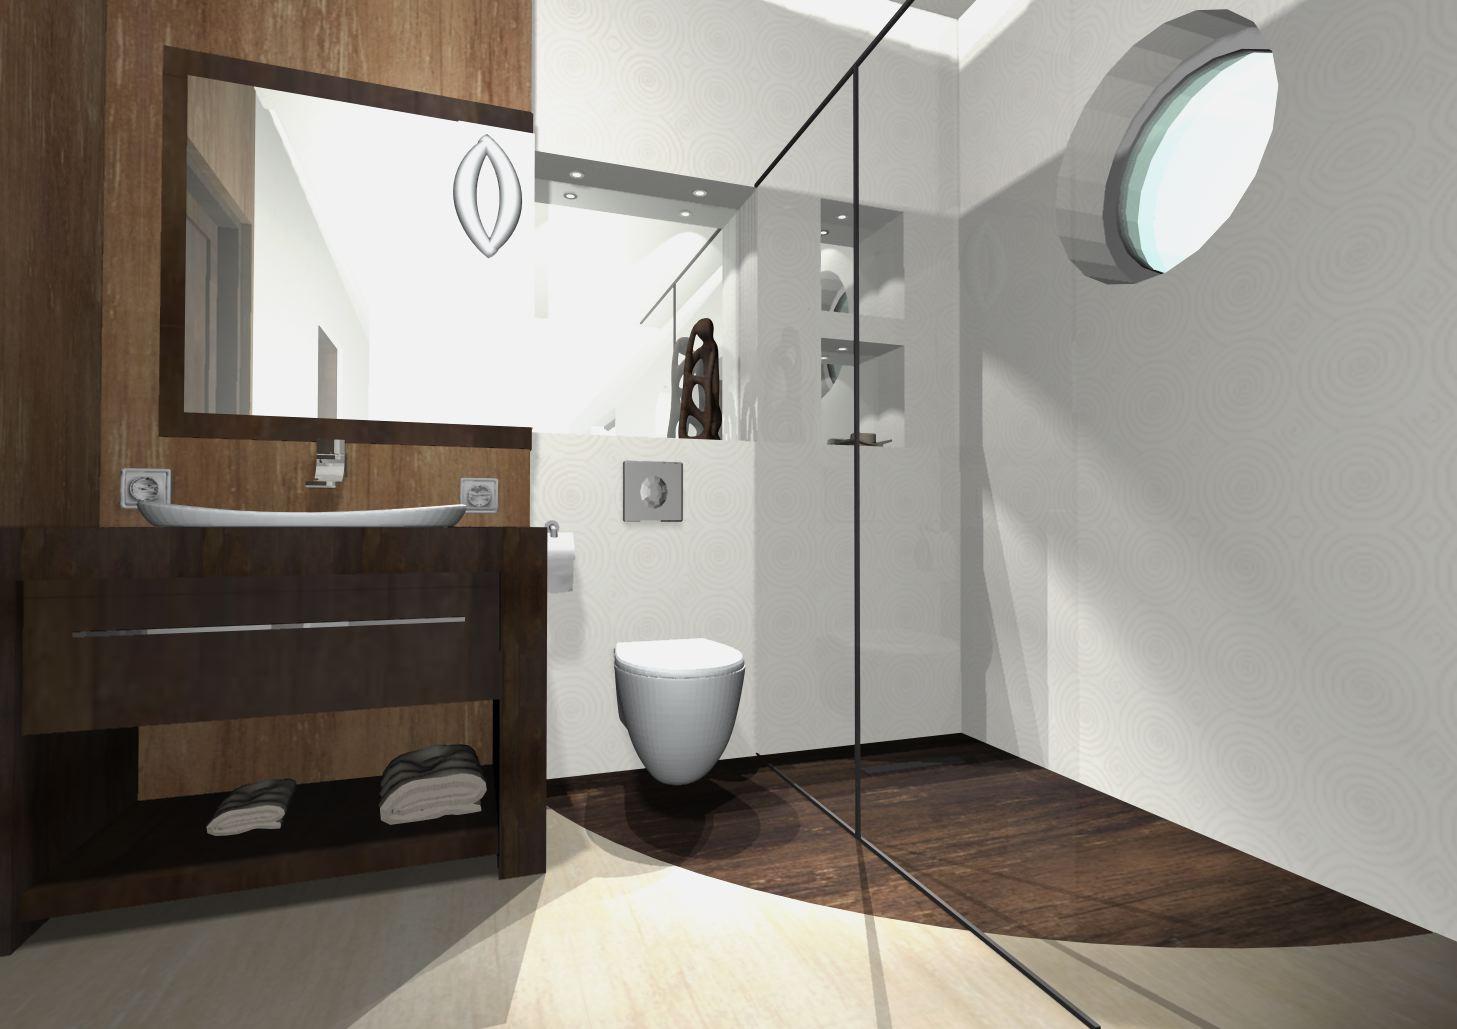 Projekty łazienek > Aranżacje łazienki - Projektowanie